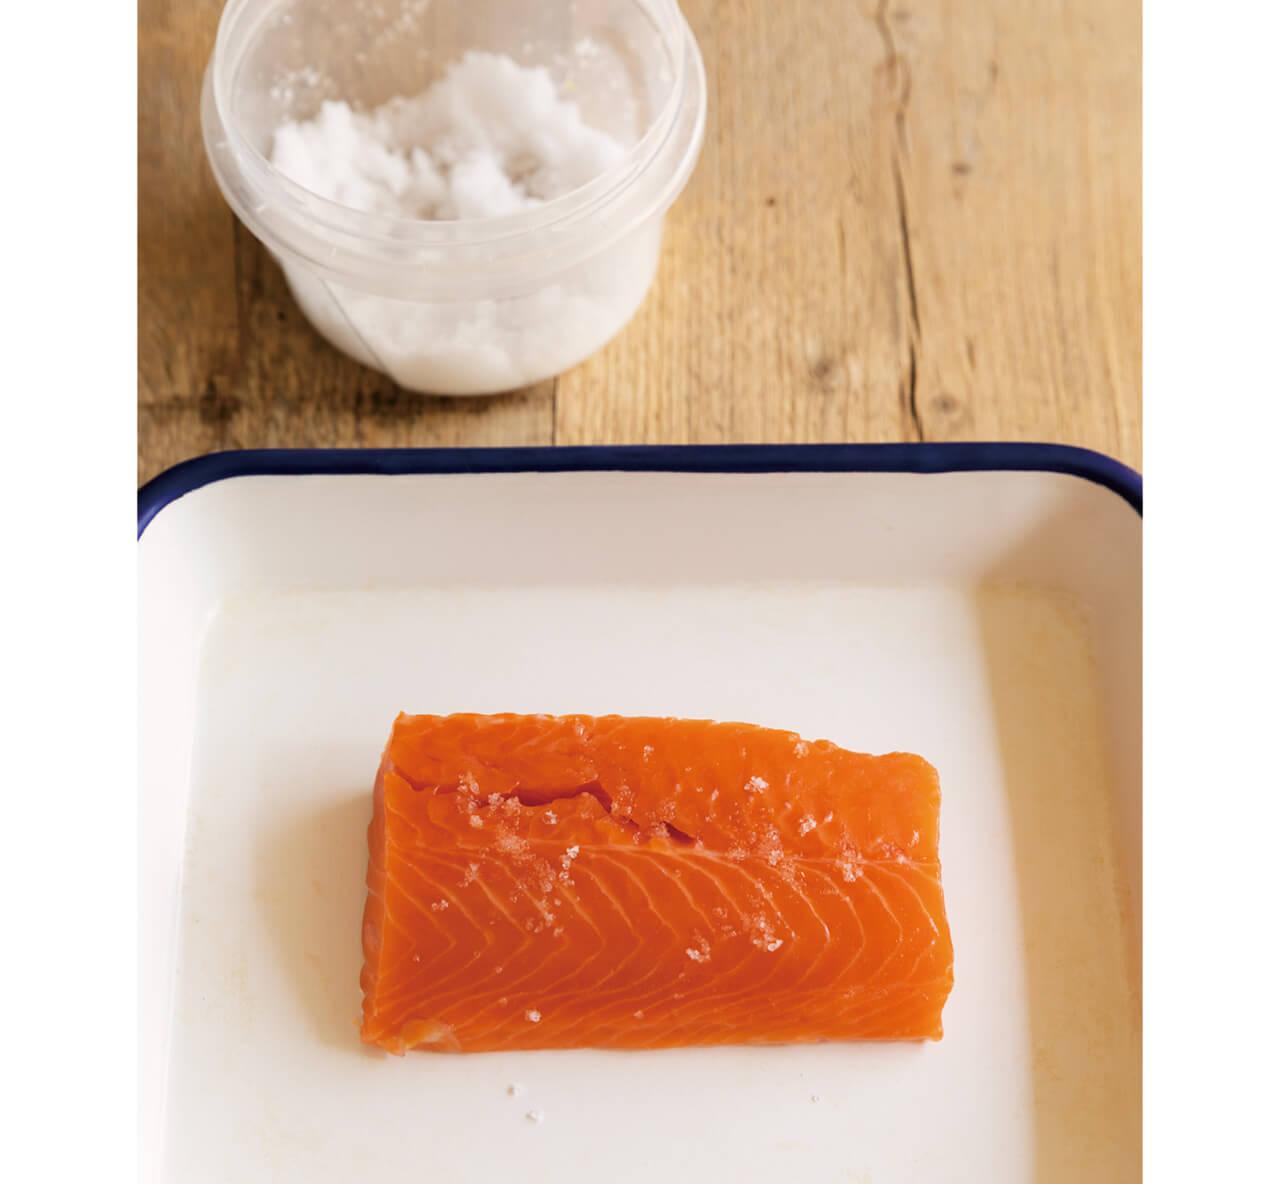 塩を振り、余分な水分とくさみを抜いてから煮ると、うま味も凝縮。